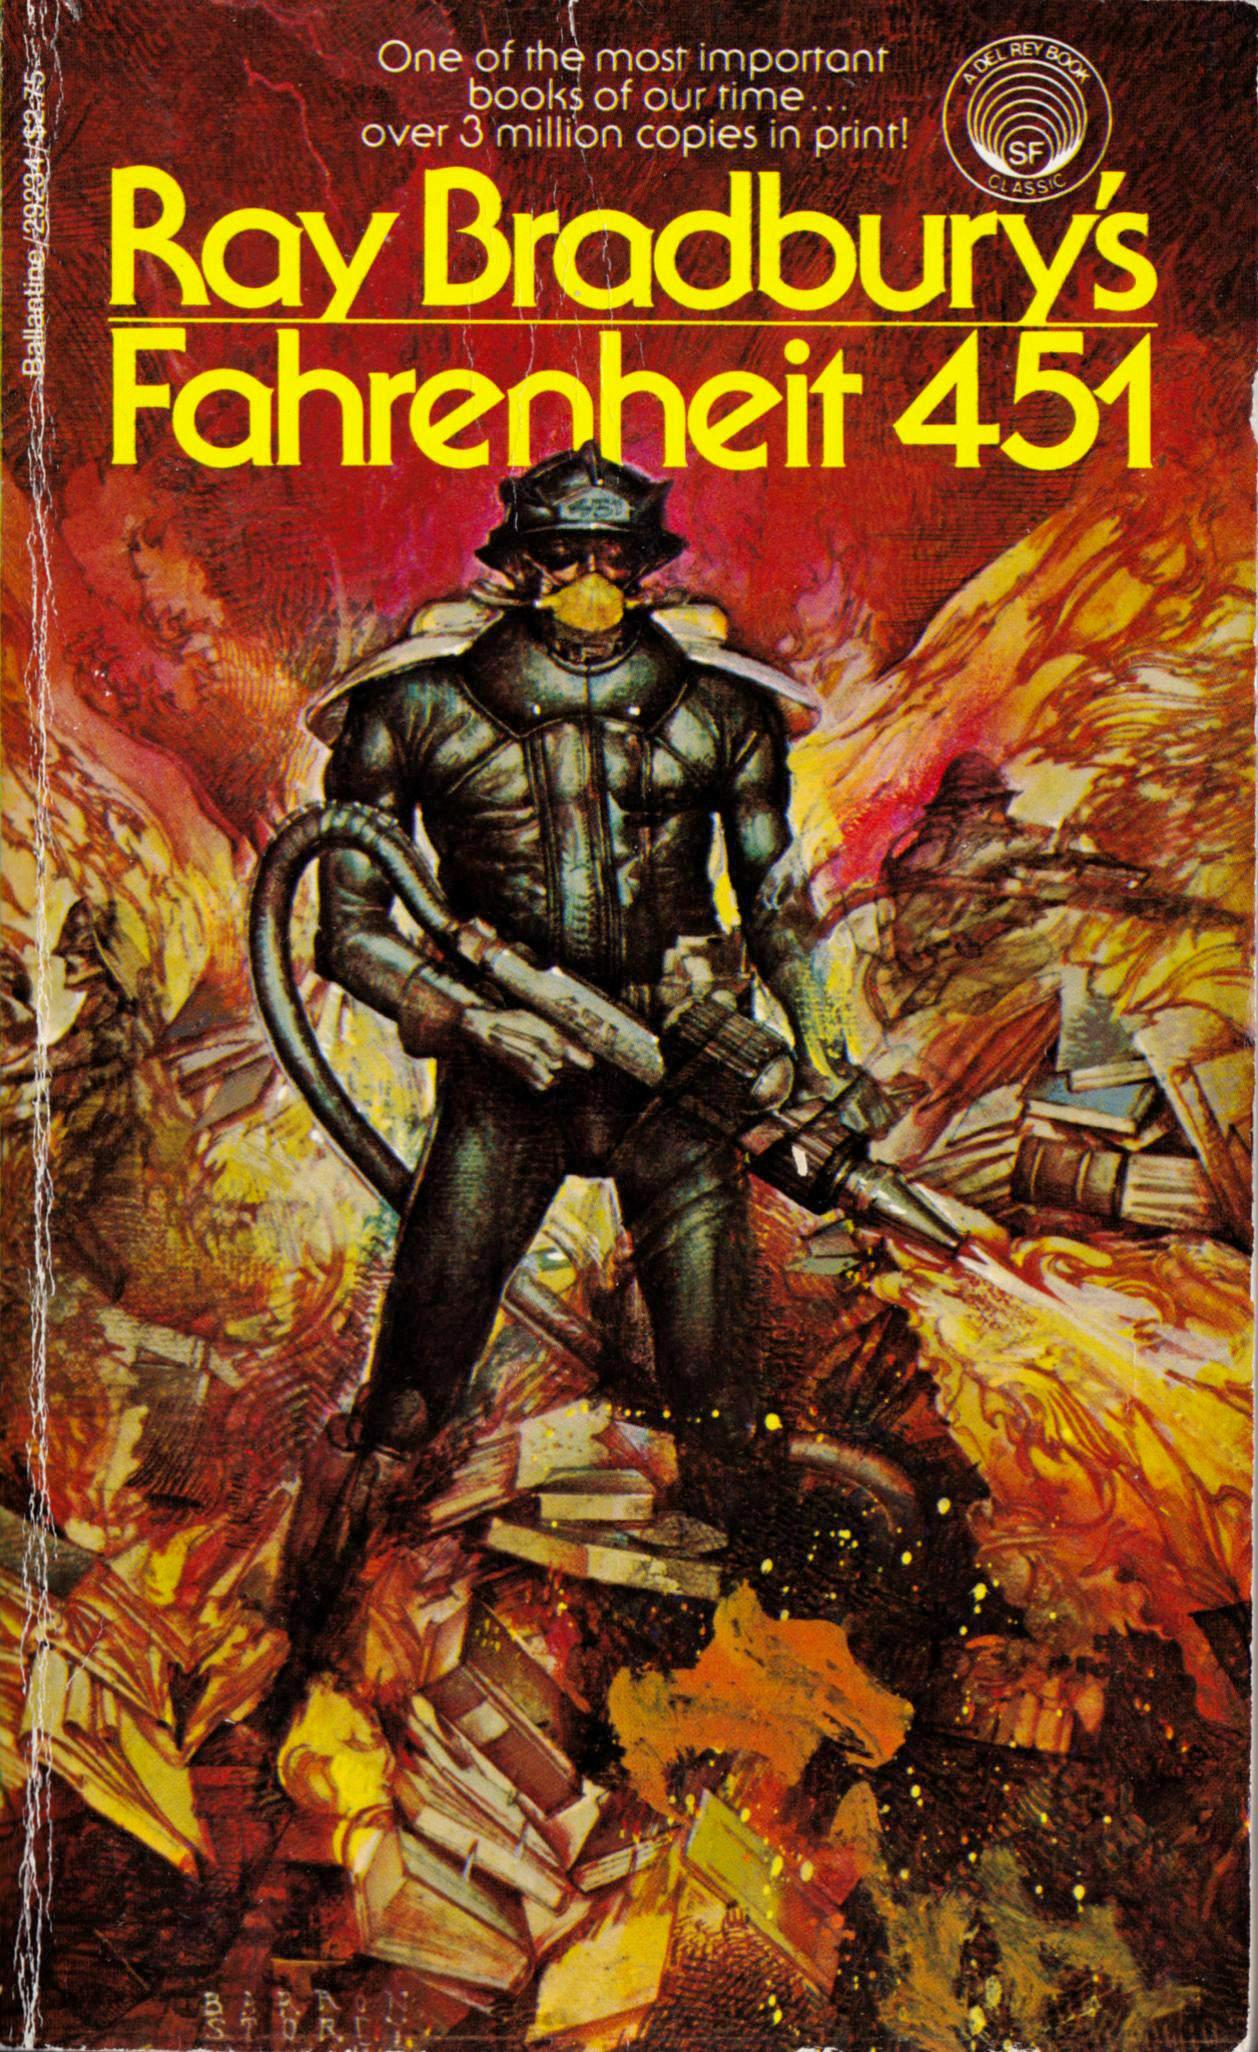 60 Years of Ray Bradbury's Fahrenheit 451 | Interesting ...